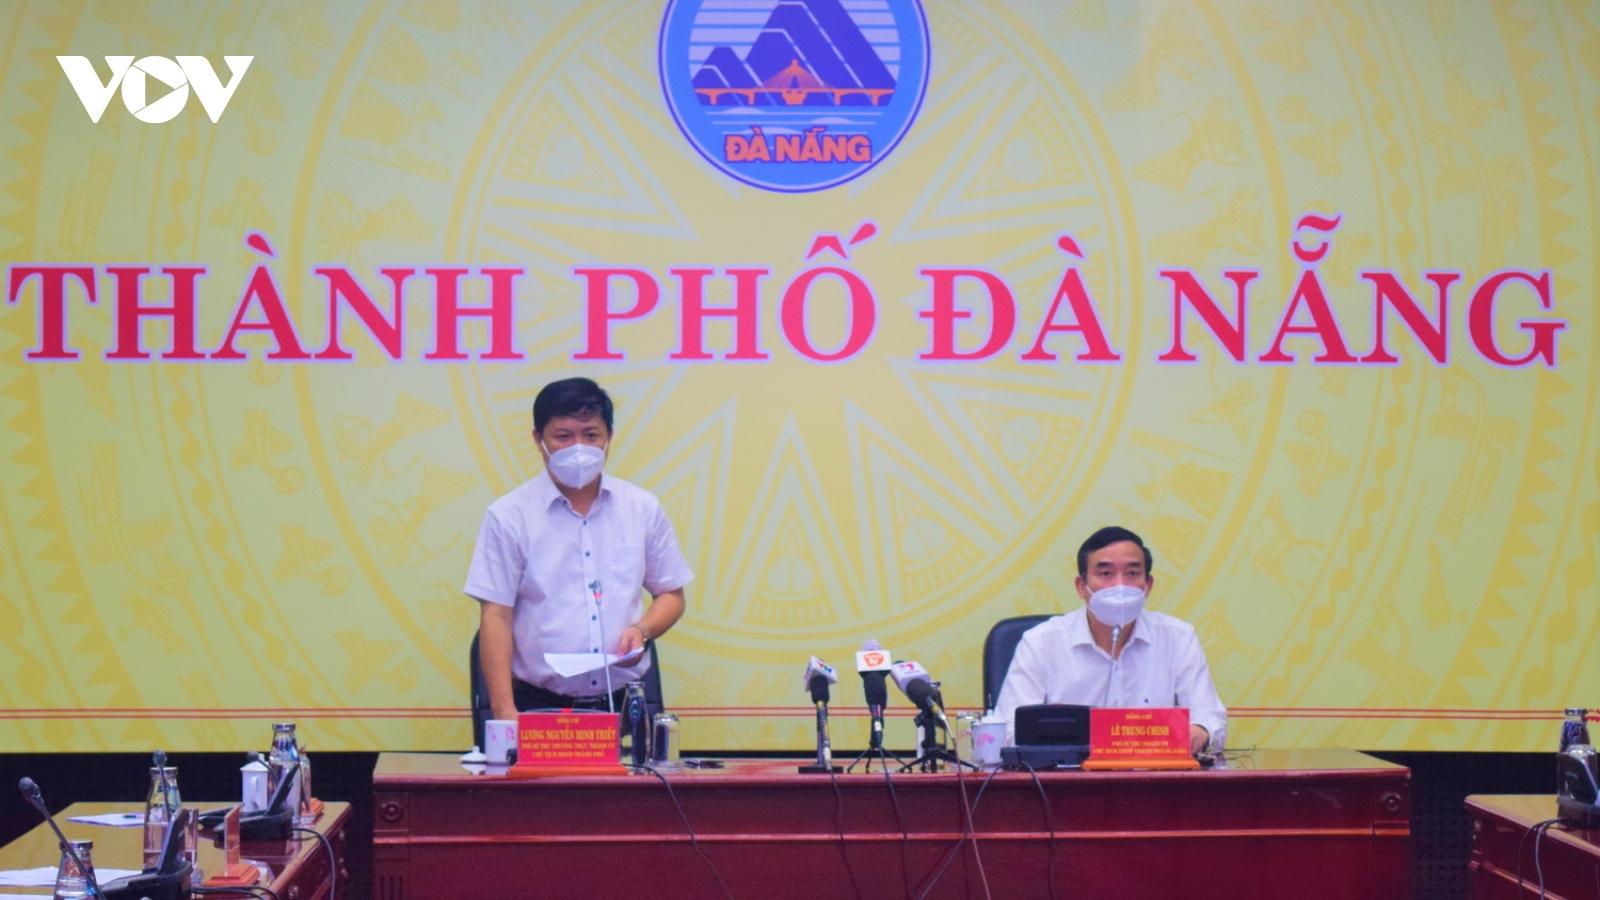 Đà Nẵng sẽ giám sát người dân thông qua quét mã QR